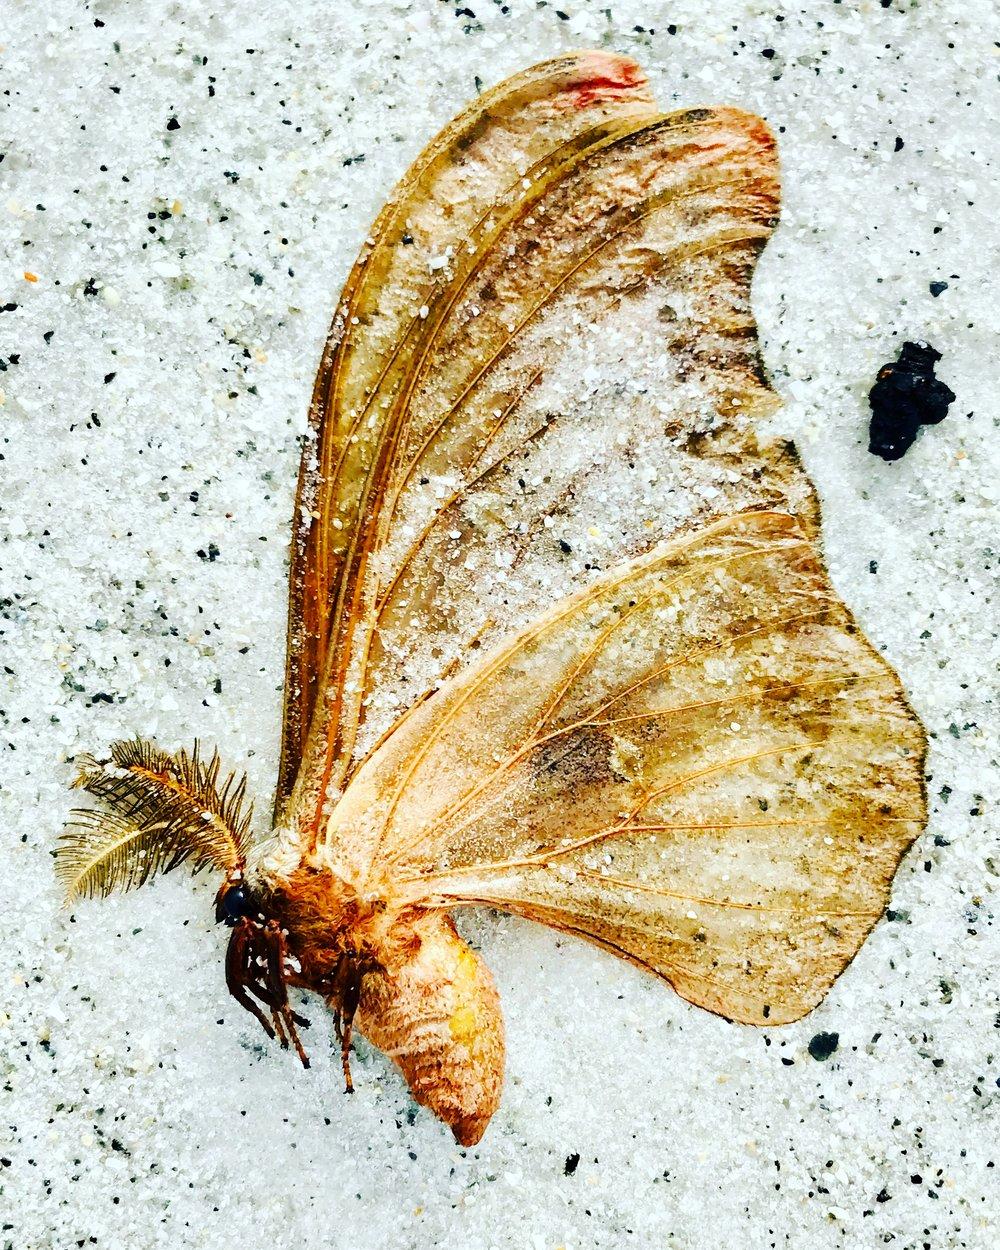 Polyphemus Moth (?)